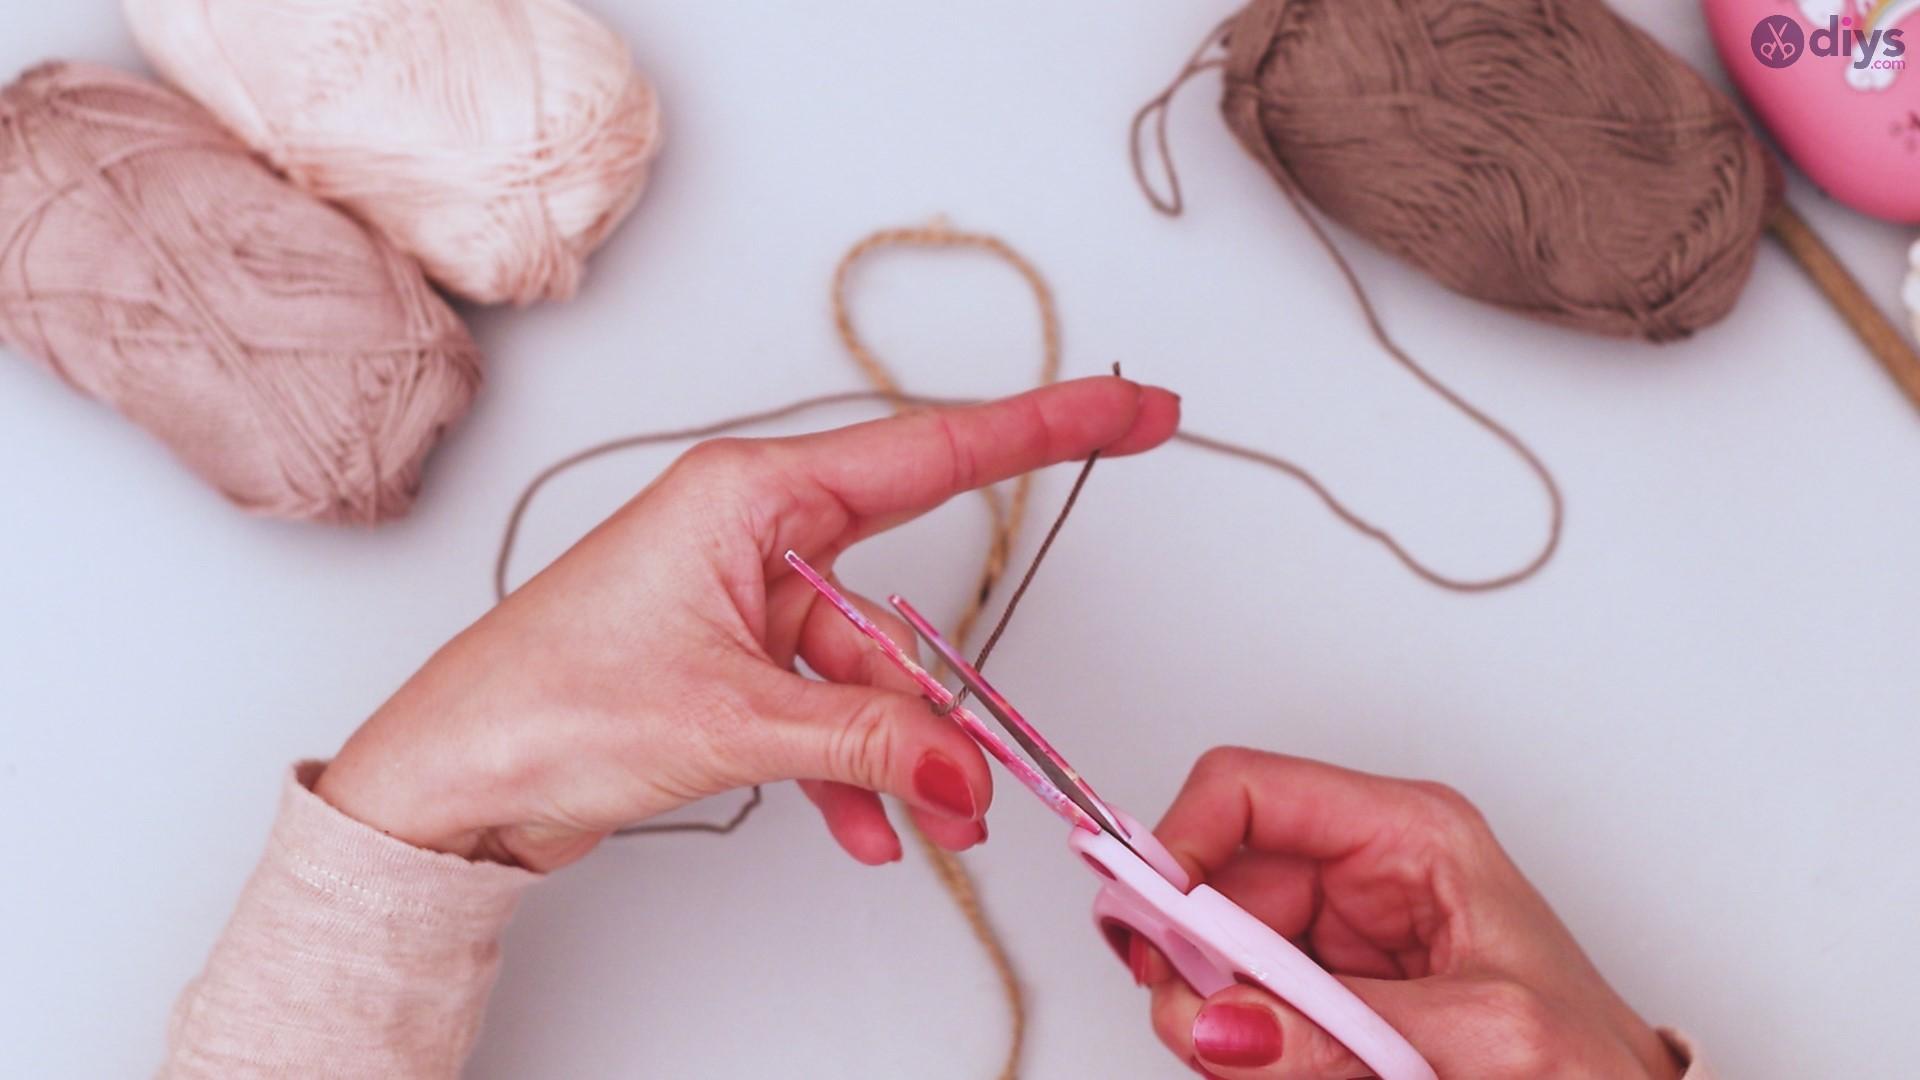 Diy yarn leaf wall decor tutorial (4)